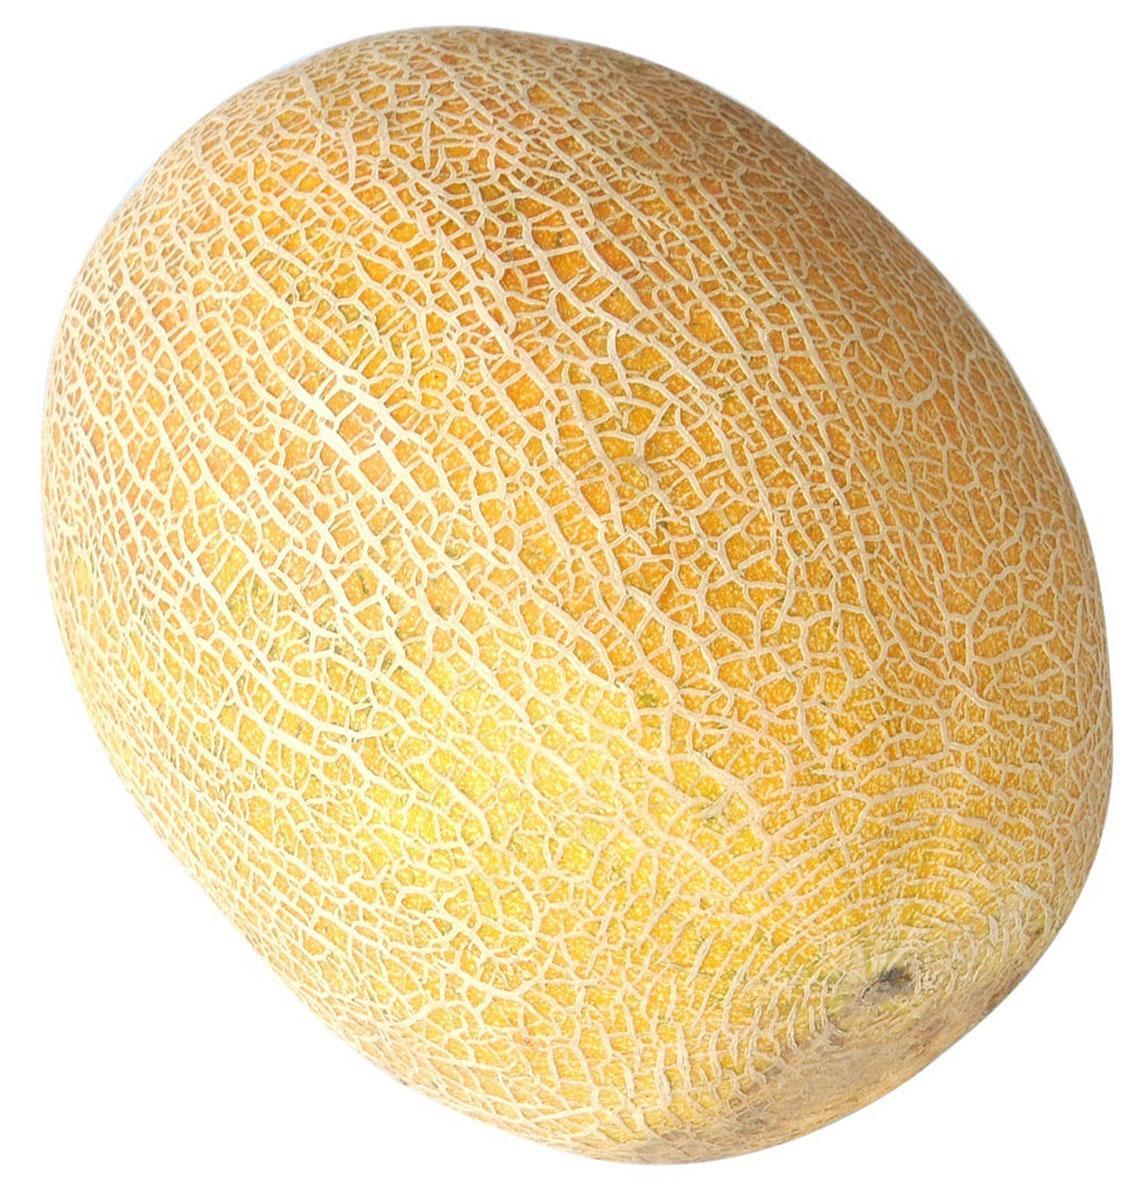 Дыня Галия, 1 шт310307Дыню Галия отличают большие размеры и глубоко-зелёный цвет мякоти. Сочная и ароматная дыня Галия имеет собственный характерный оттенок вкуса. Он больше напоминает классическую мускусную дыню, чем медовую. Цвет внутренней плоти может меняться от светло-желтого до зелёного. Дыню Галия добавляют в салаты, едят свежей на десерт или используют в приготовлении варенья или повидла. Этот сорт хорош для всех кулинарных рецептов, он достаточно сладкий для десертов, но и прекрасен, как салатная основа.Дыня Галия содержит много витамина С, витамина А, биофлавоноидов, калия, кальция и железа, а также обладает значительным уровнем пищевых волокон, в том числе пектина.Жиры: 0 г. Углеводы: 10,3 г. Белки: 0,6 г. Калорийность: 38 кКал.